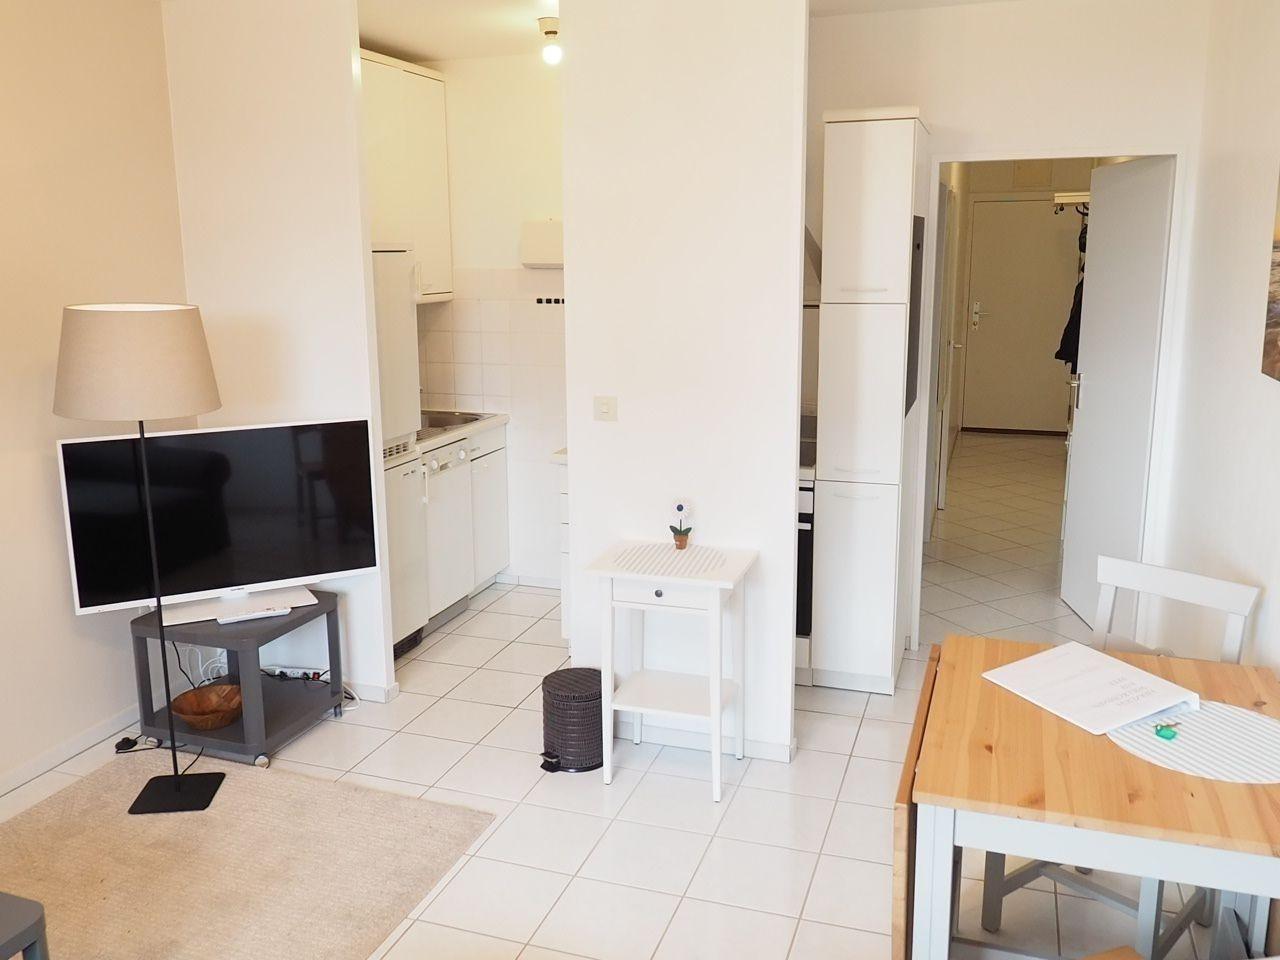 Ferienwohnung Appartement 19 (2656521), Westerland (DE), Sylt, Schleswig-Holstein, Deutschland, Bild 9